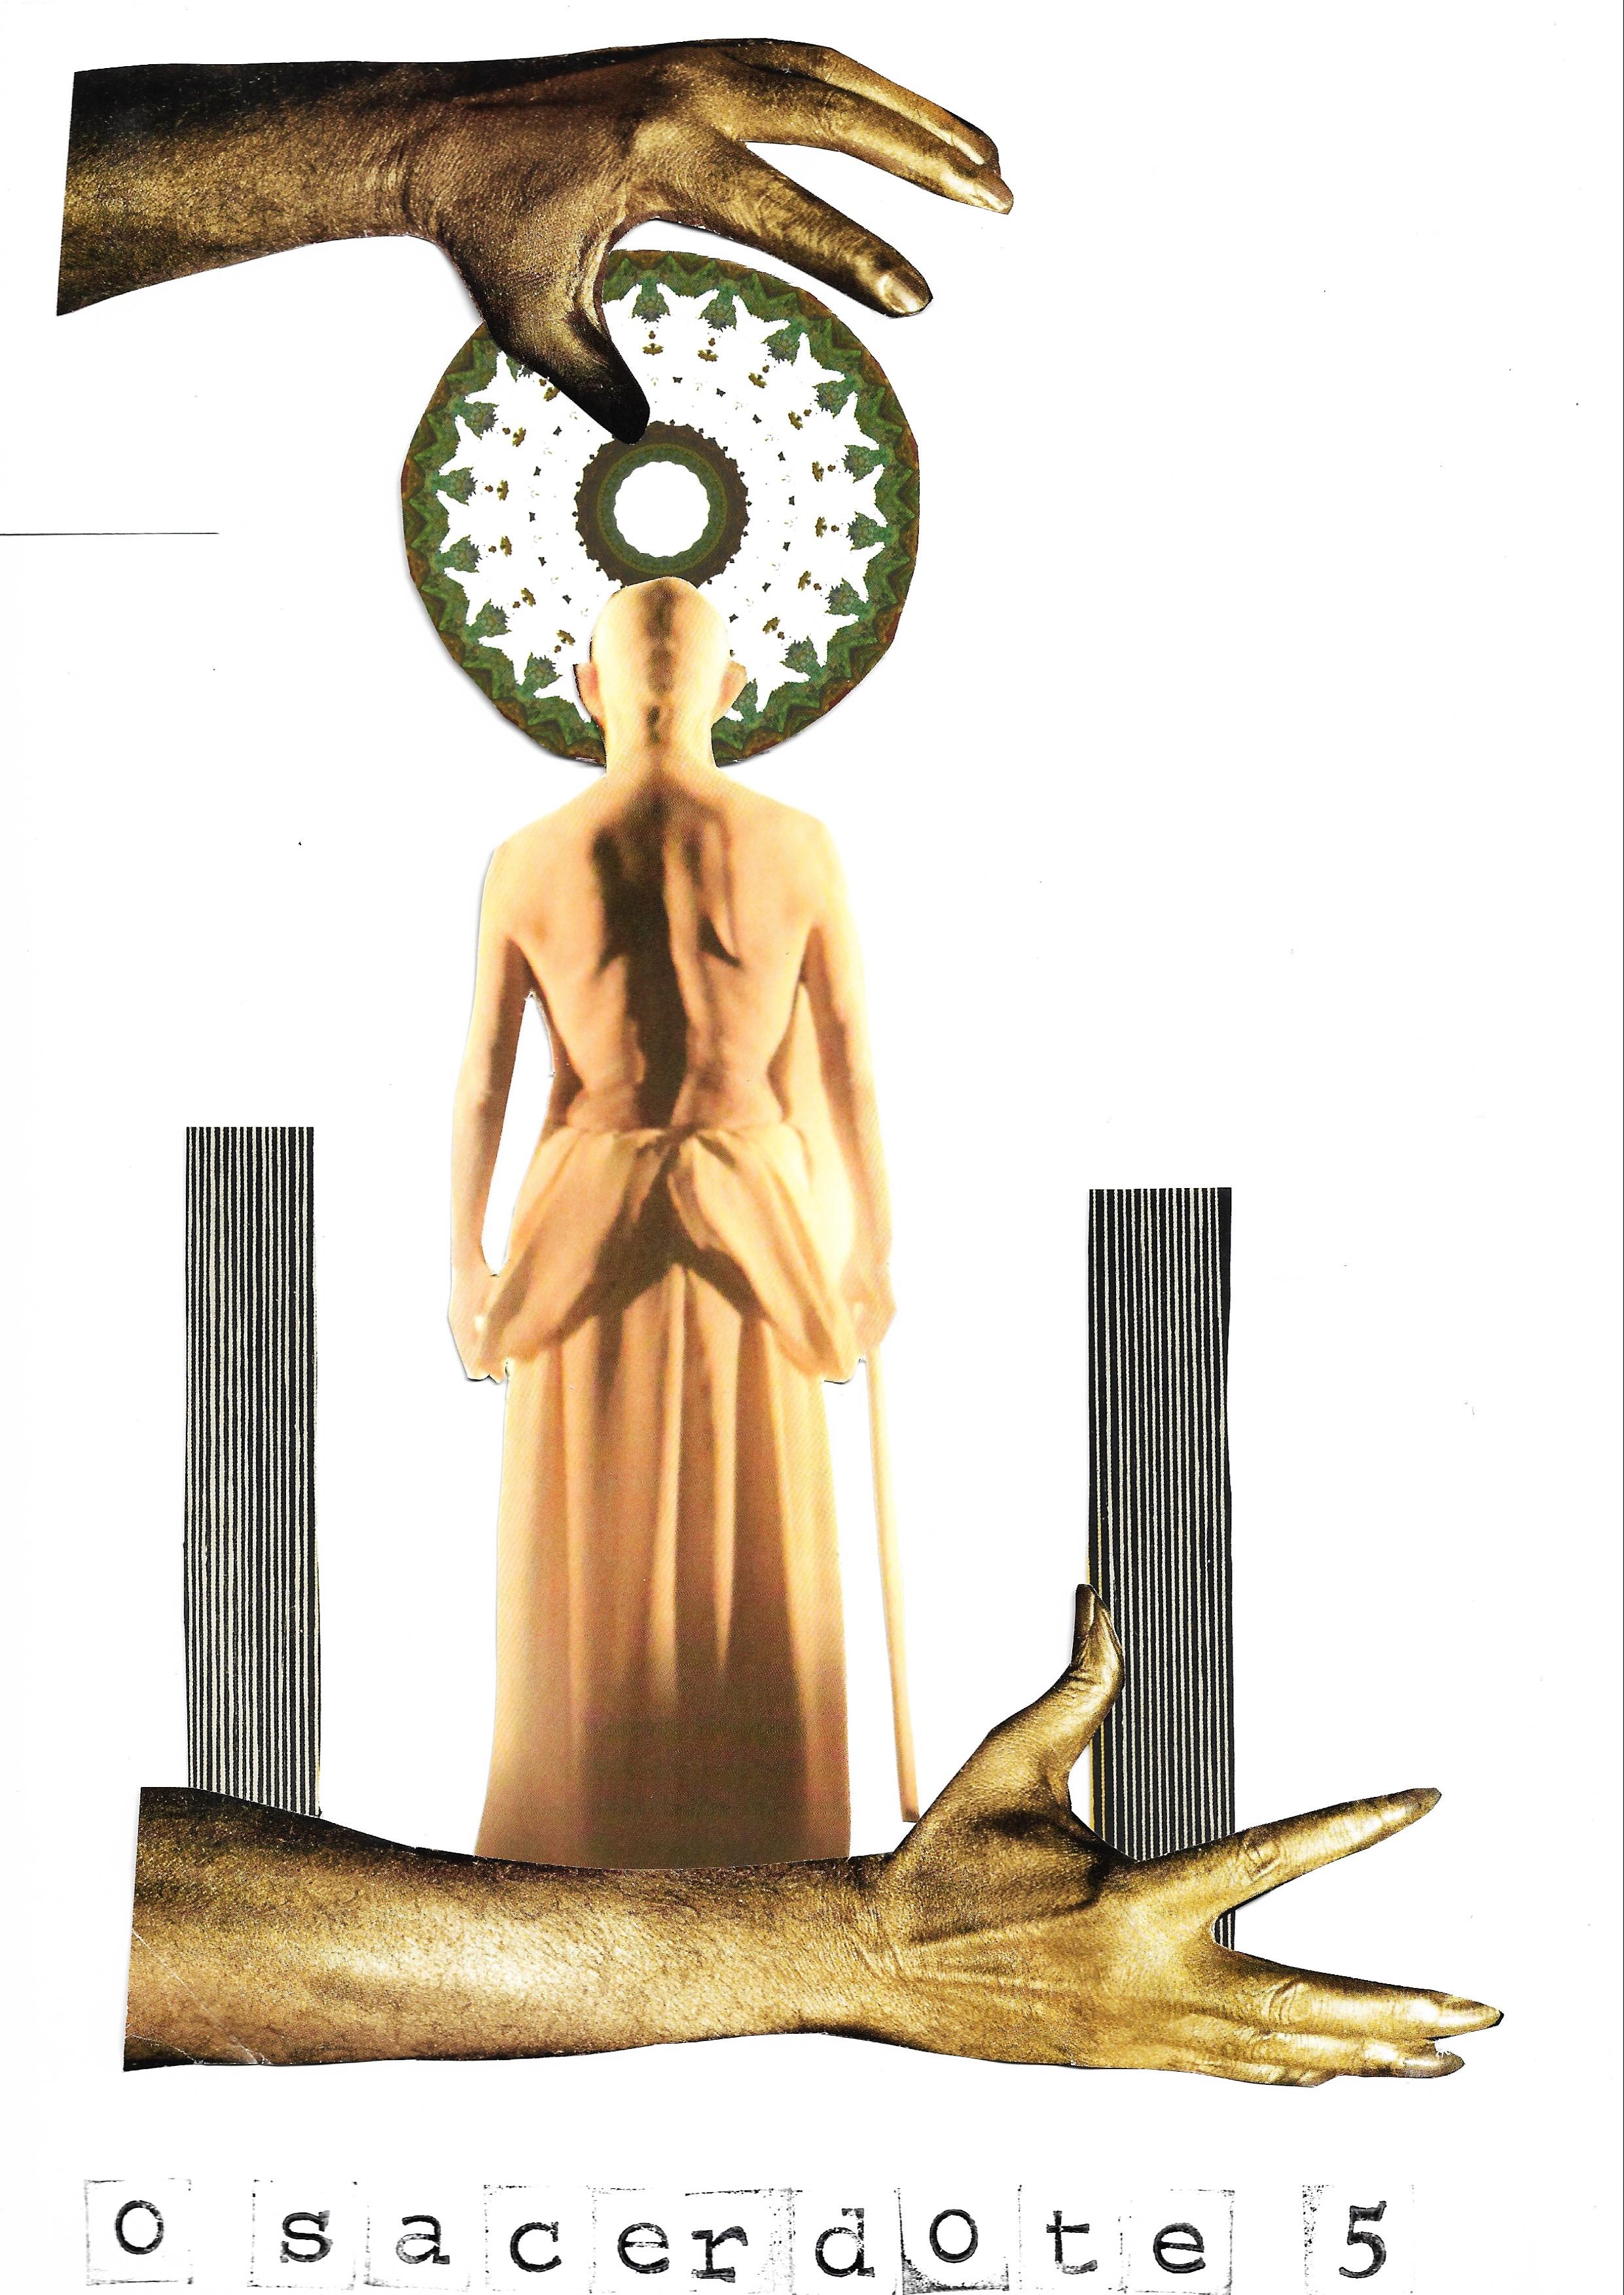 o sacerdote 5